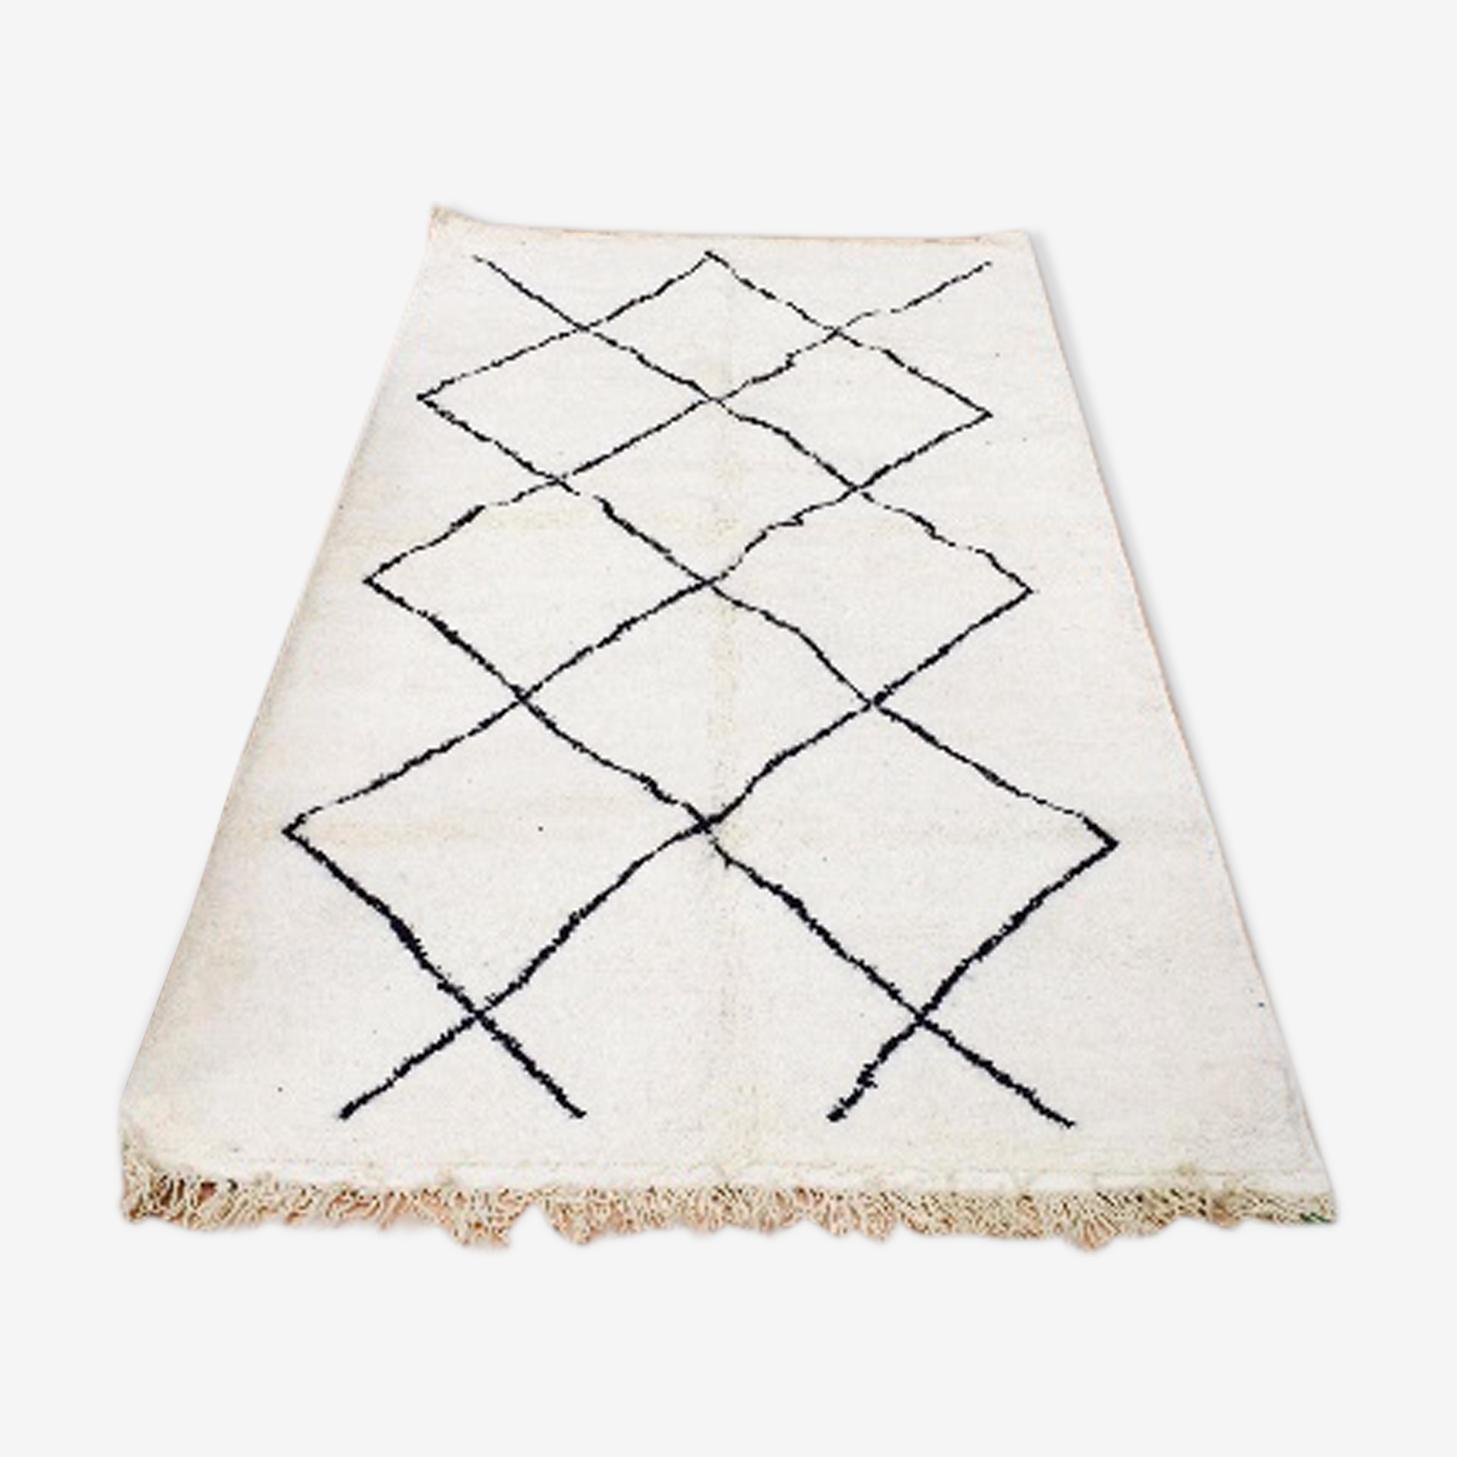 Tapis Beni Ourain blanc à motifs géométriques noir 200x116 cm